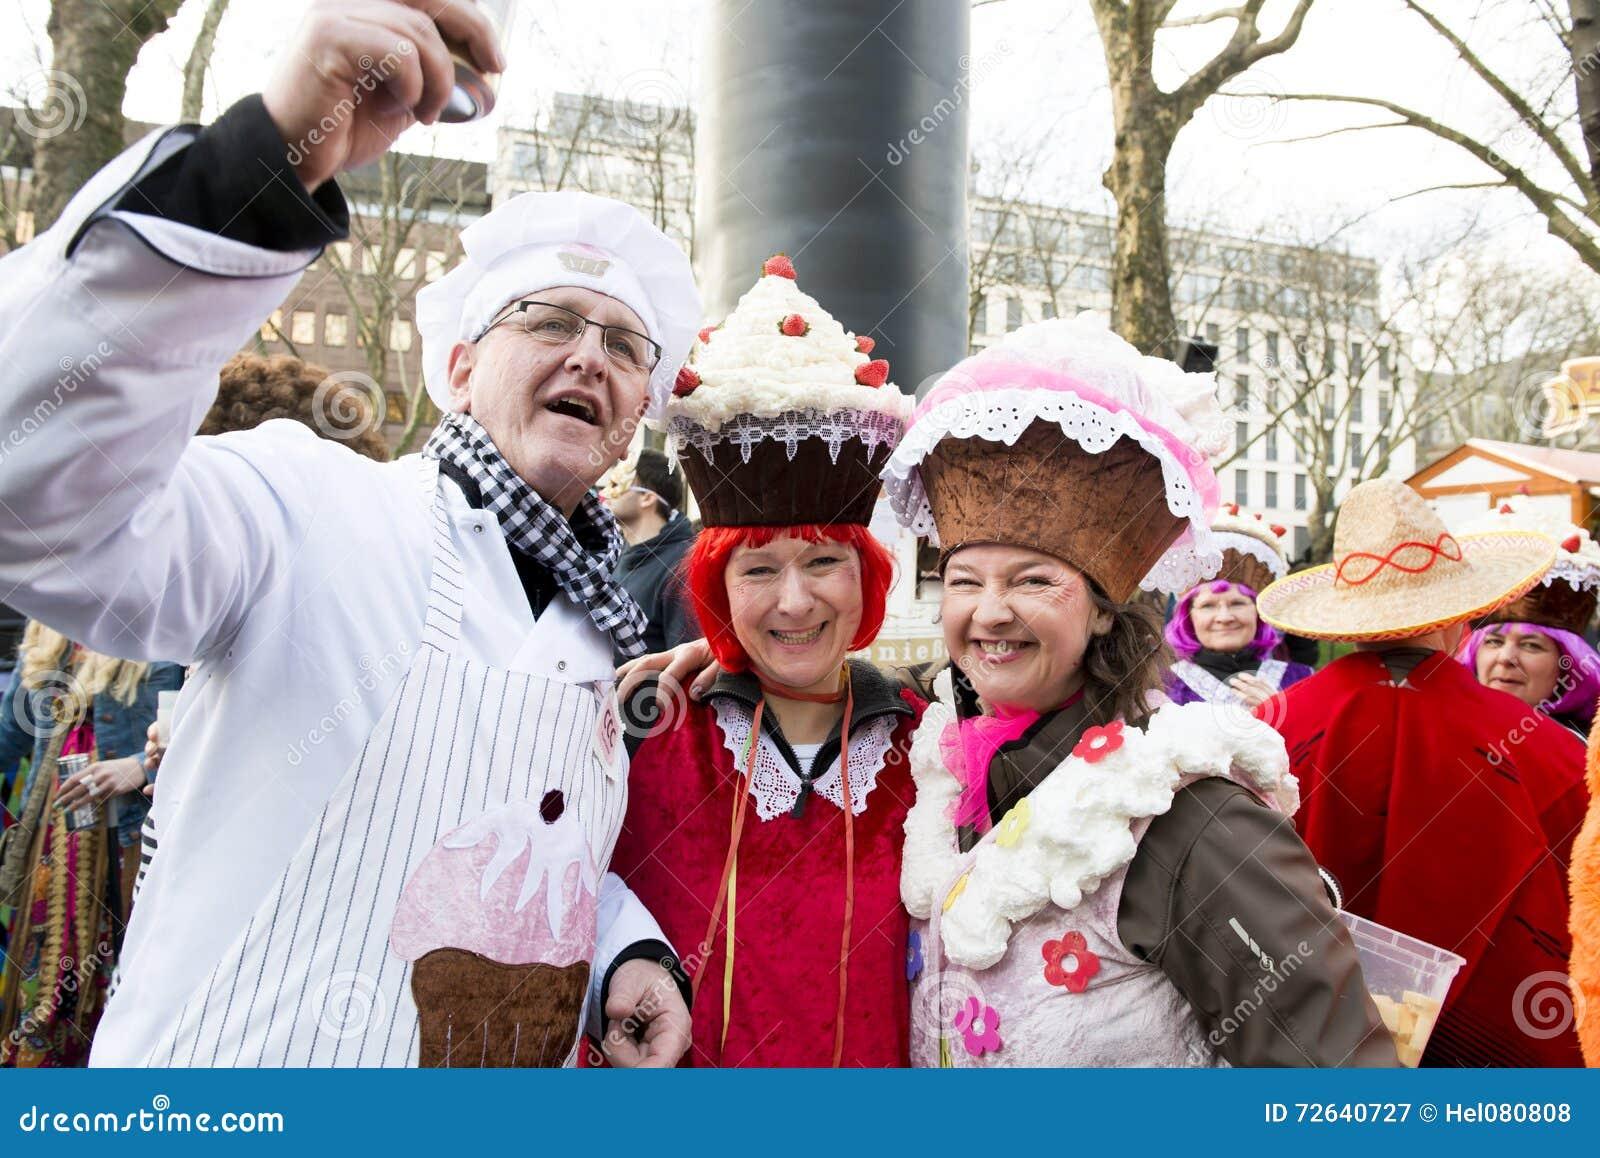 Costumed Cupcakes, Mardi Gras Dusseldorf